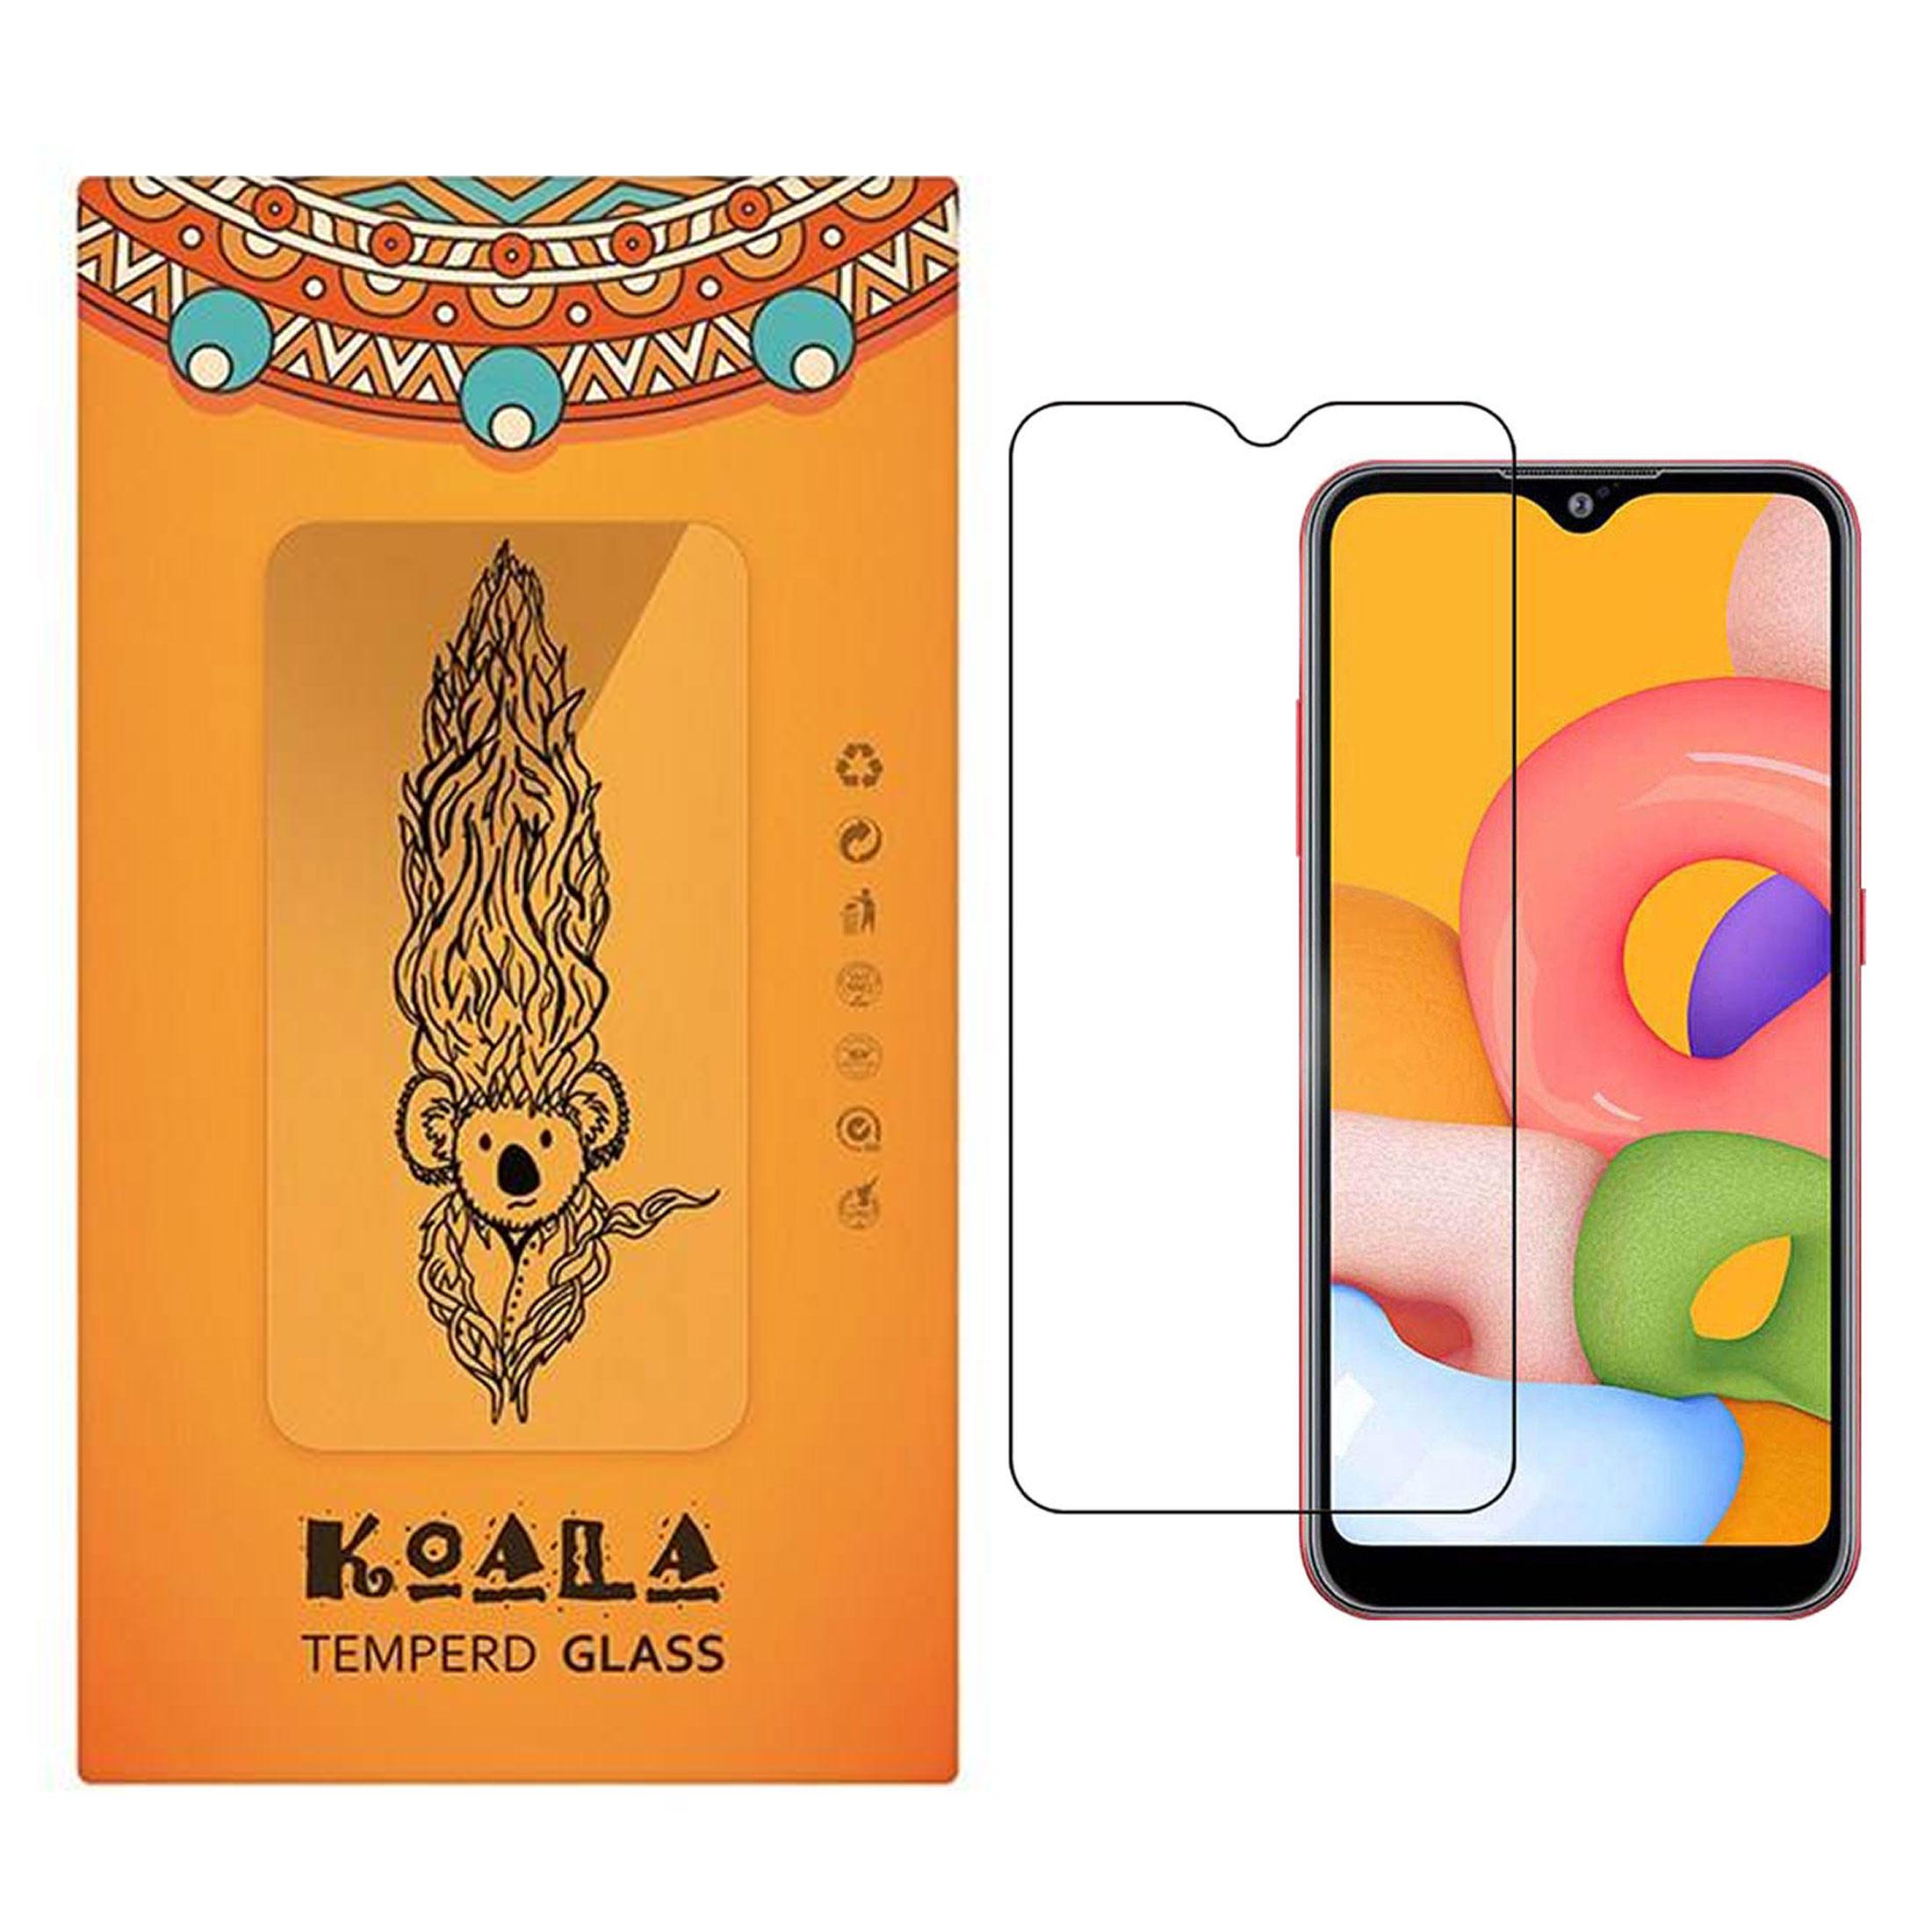 محافظ صفحه نمایش کوالا مدل SDK-01 مناسب برای گوشی موبایل سامسونگ Galaxy A01